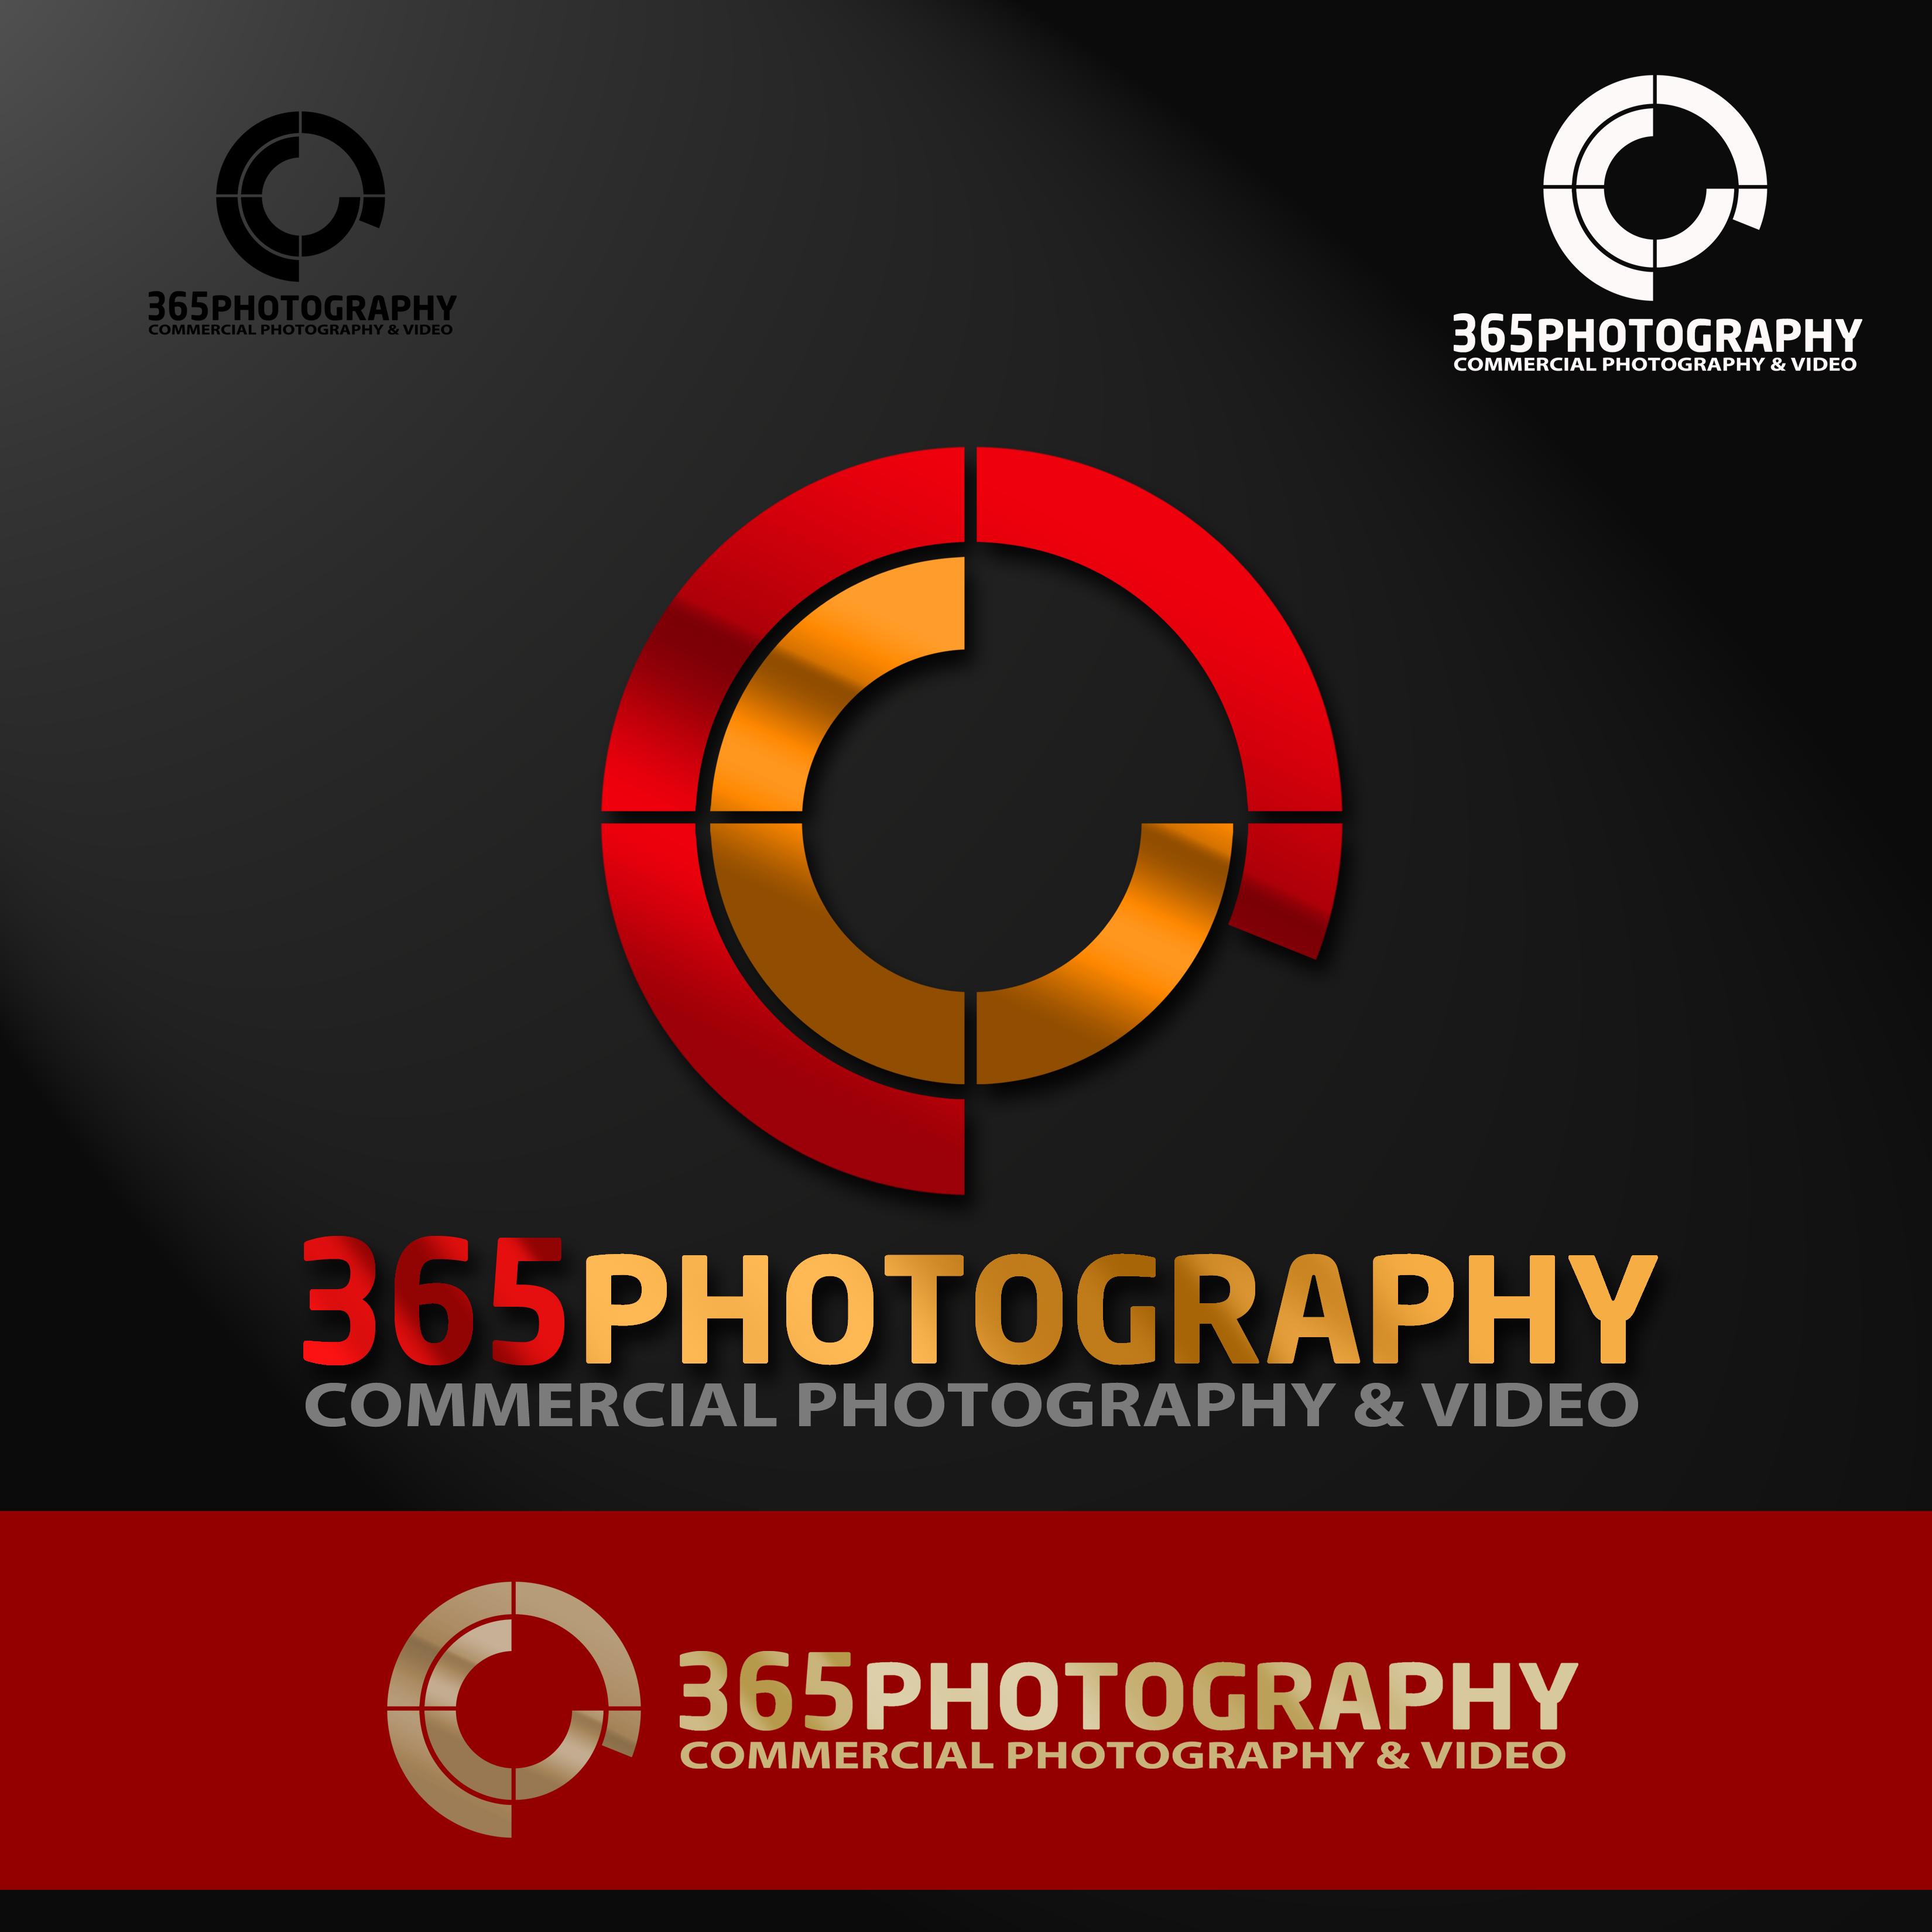 Logo Design by Allan Esclamado - Entry No. 54 in the Logo Design Contest 365photography Creative Photography & Video Logo Design.